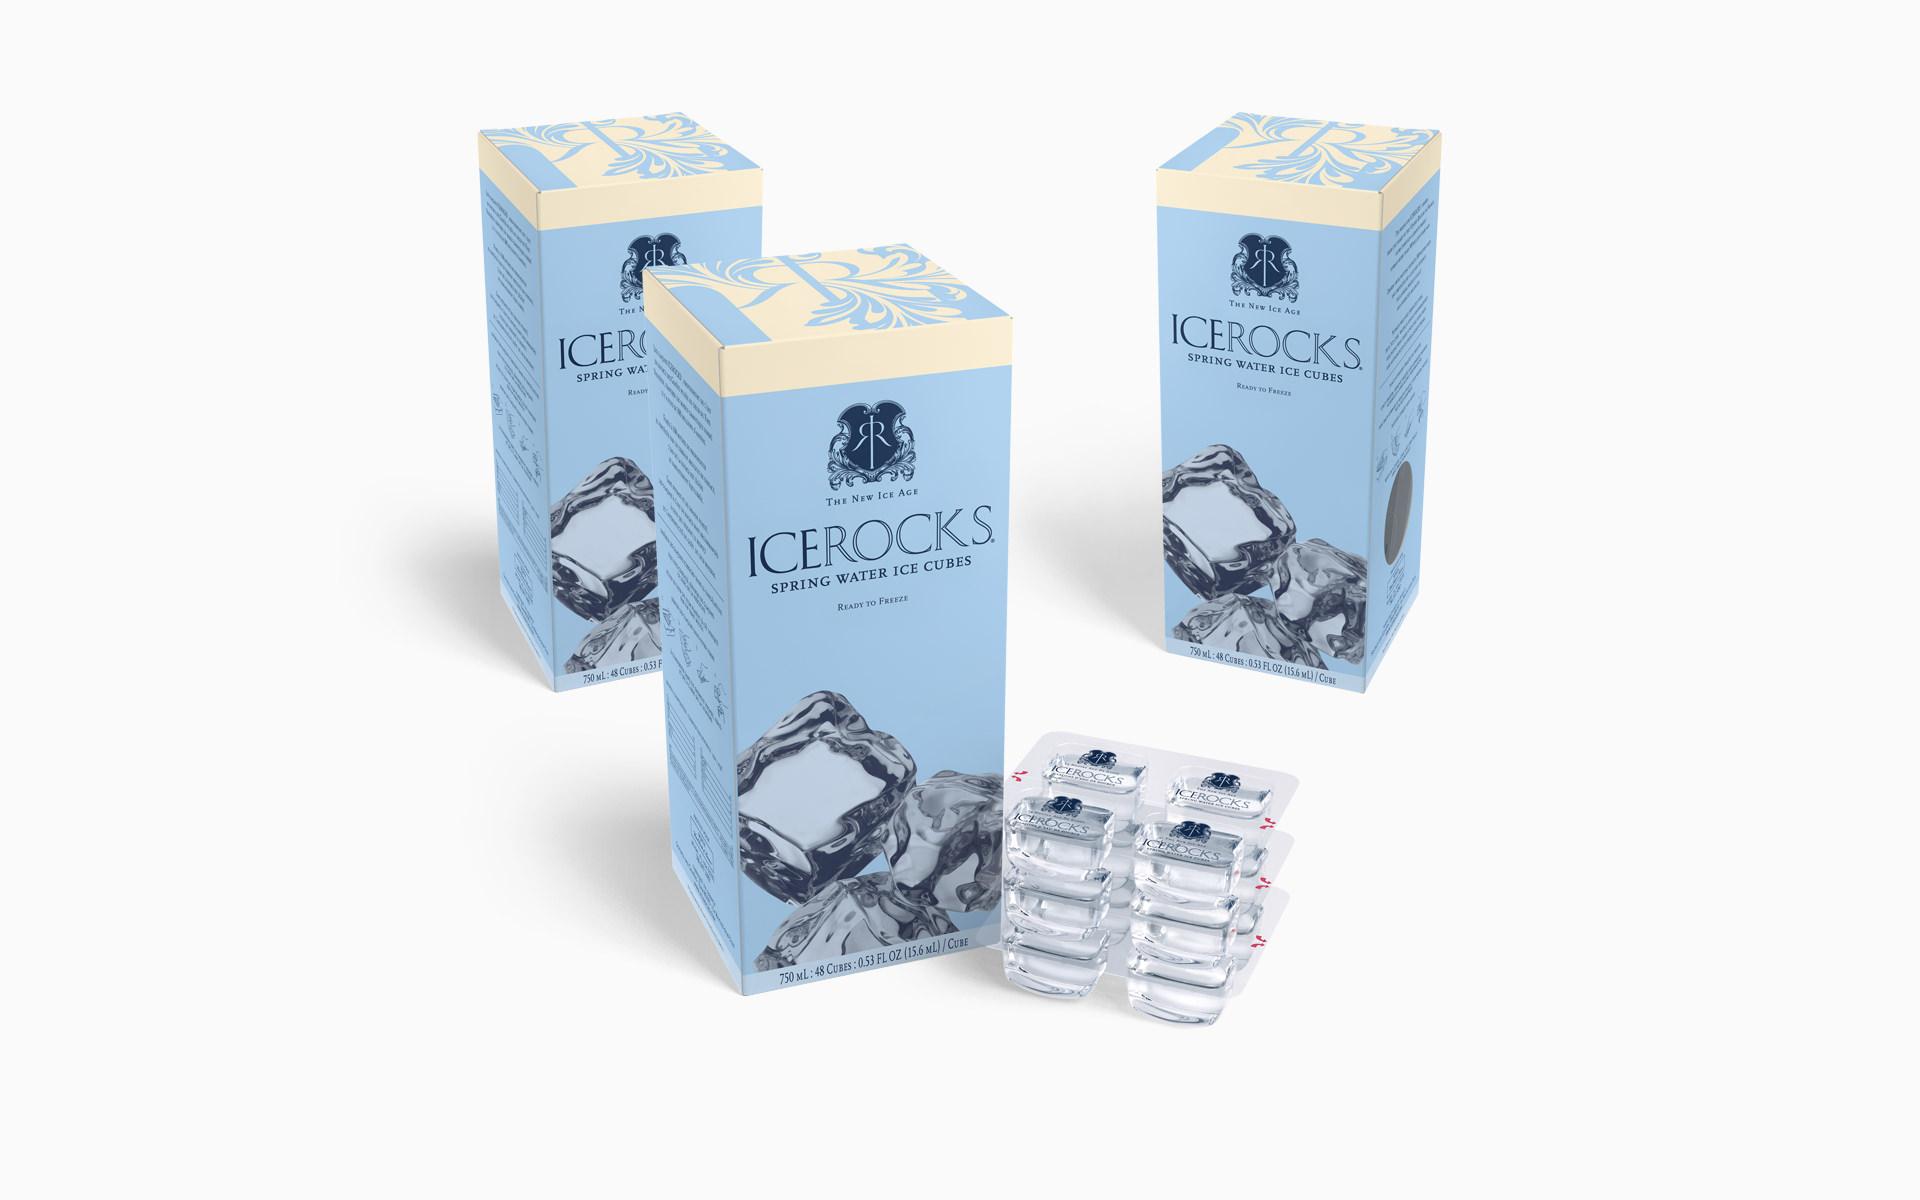 WaterBank of America ICEROCKS Packaging